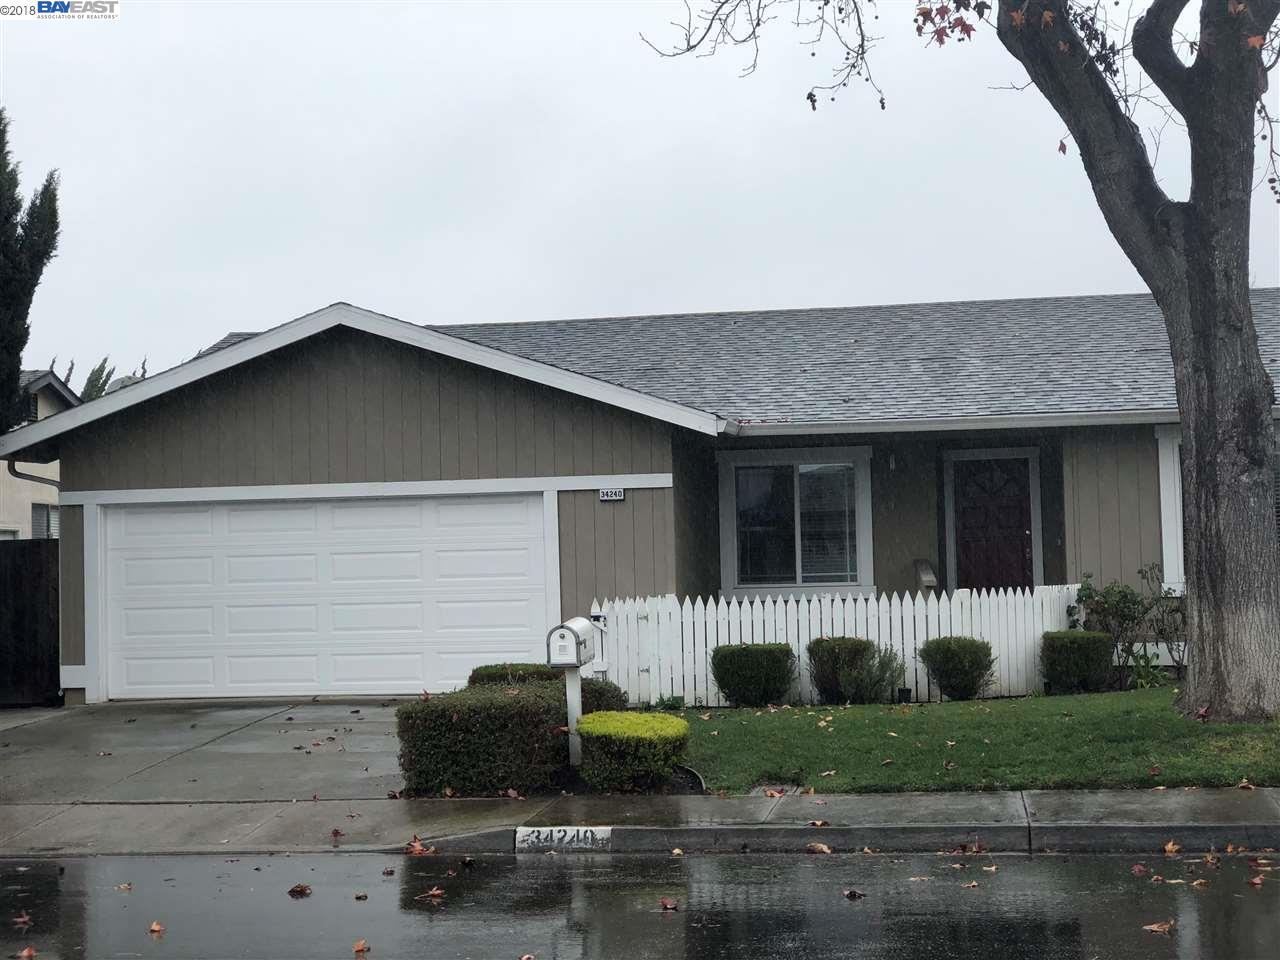 Частный односемейный дом для того Продажа на 34240 Tartarian Way 34240 Tartarian Way Union City, Калифорния 94587 Соединенные Штаты